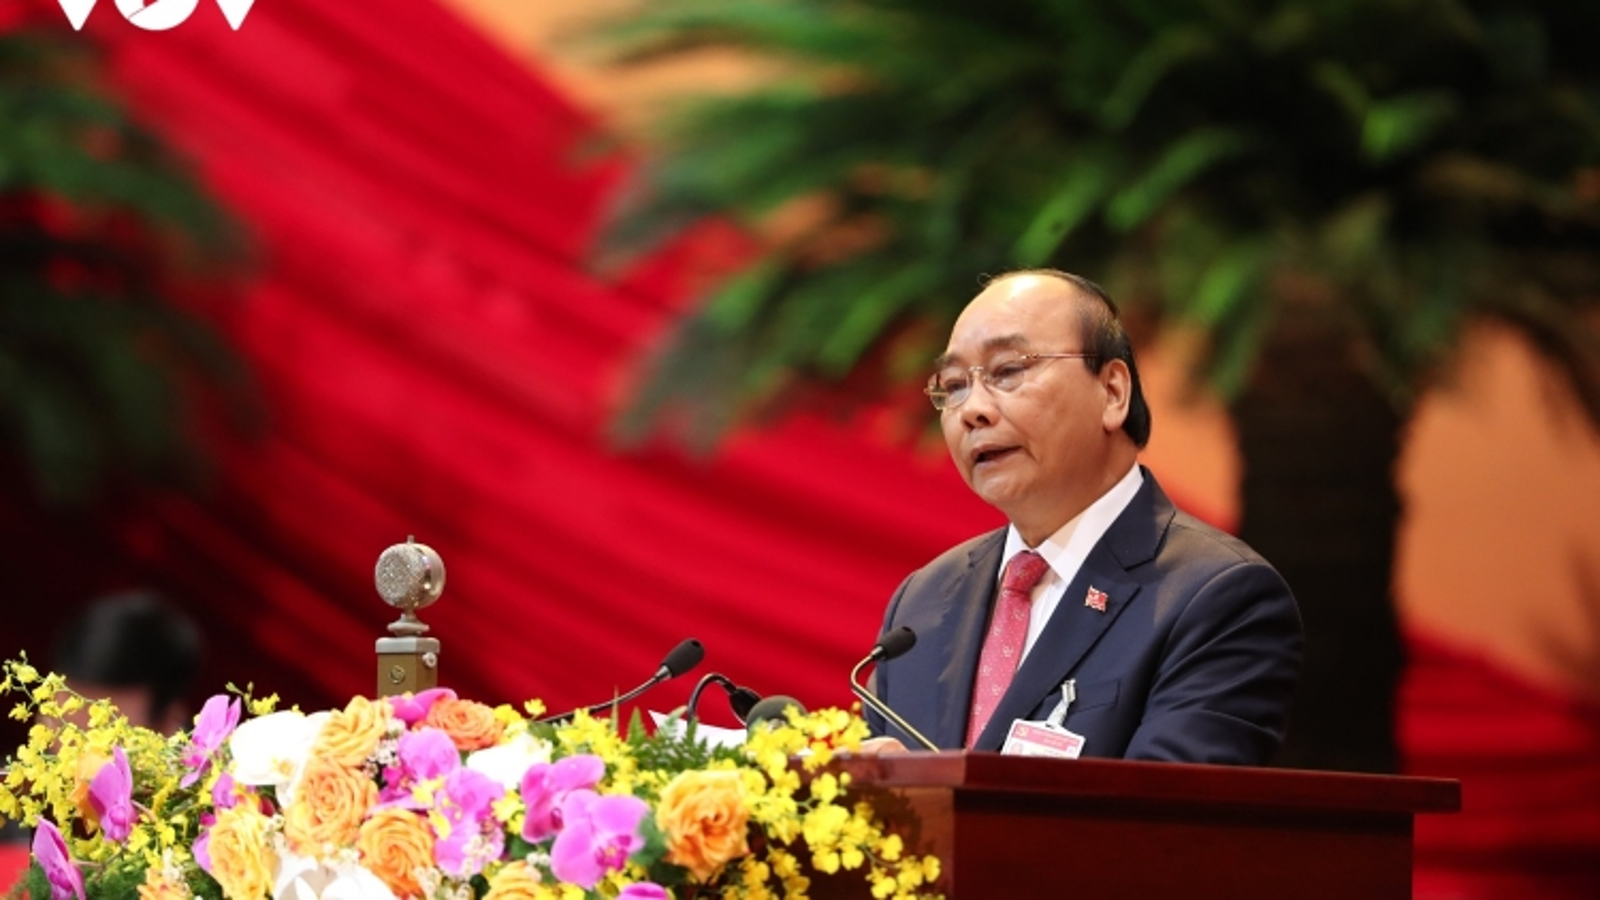 Đại hội Đảng lần thứ XIII: Thủ tướng trình bày diễn văn khai mạc